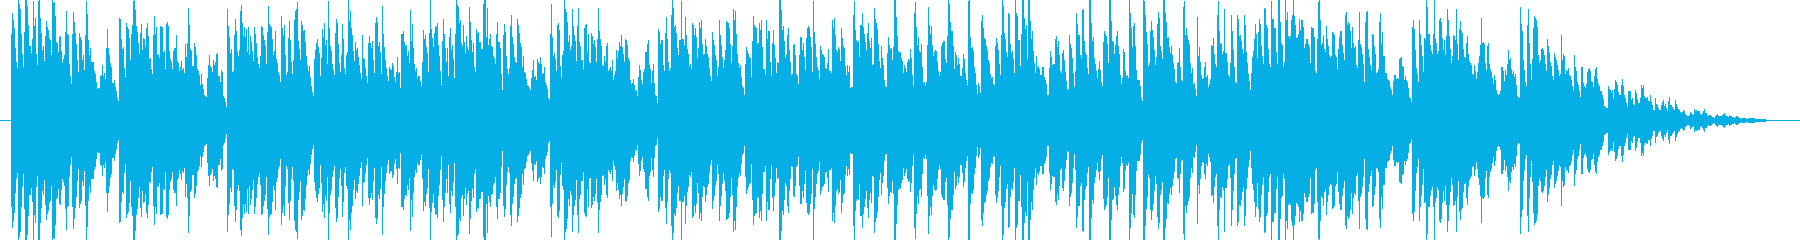 かわいいコミカルなオーケストラジングルの再生済みの波形